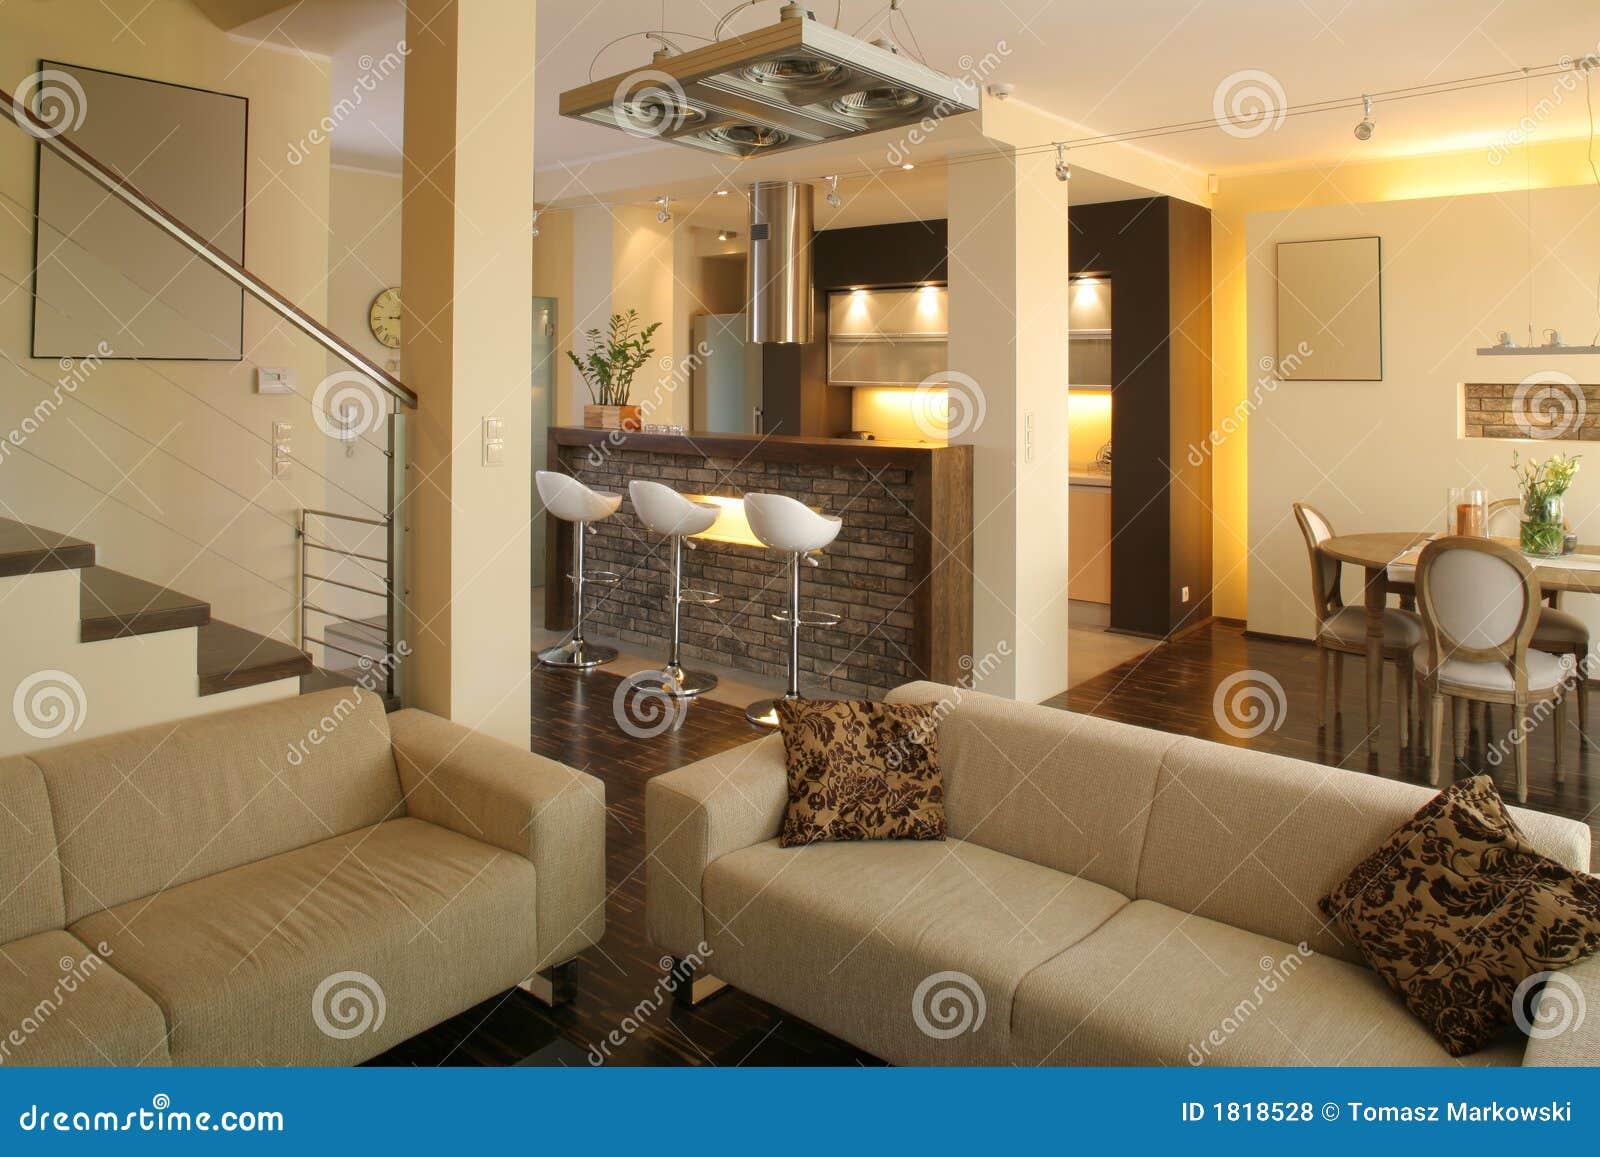 Sala de estar y cocina modernas foto de archivo imagen for Cocina de planta abierta sala de estar